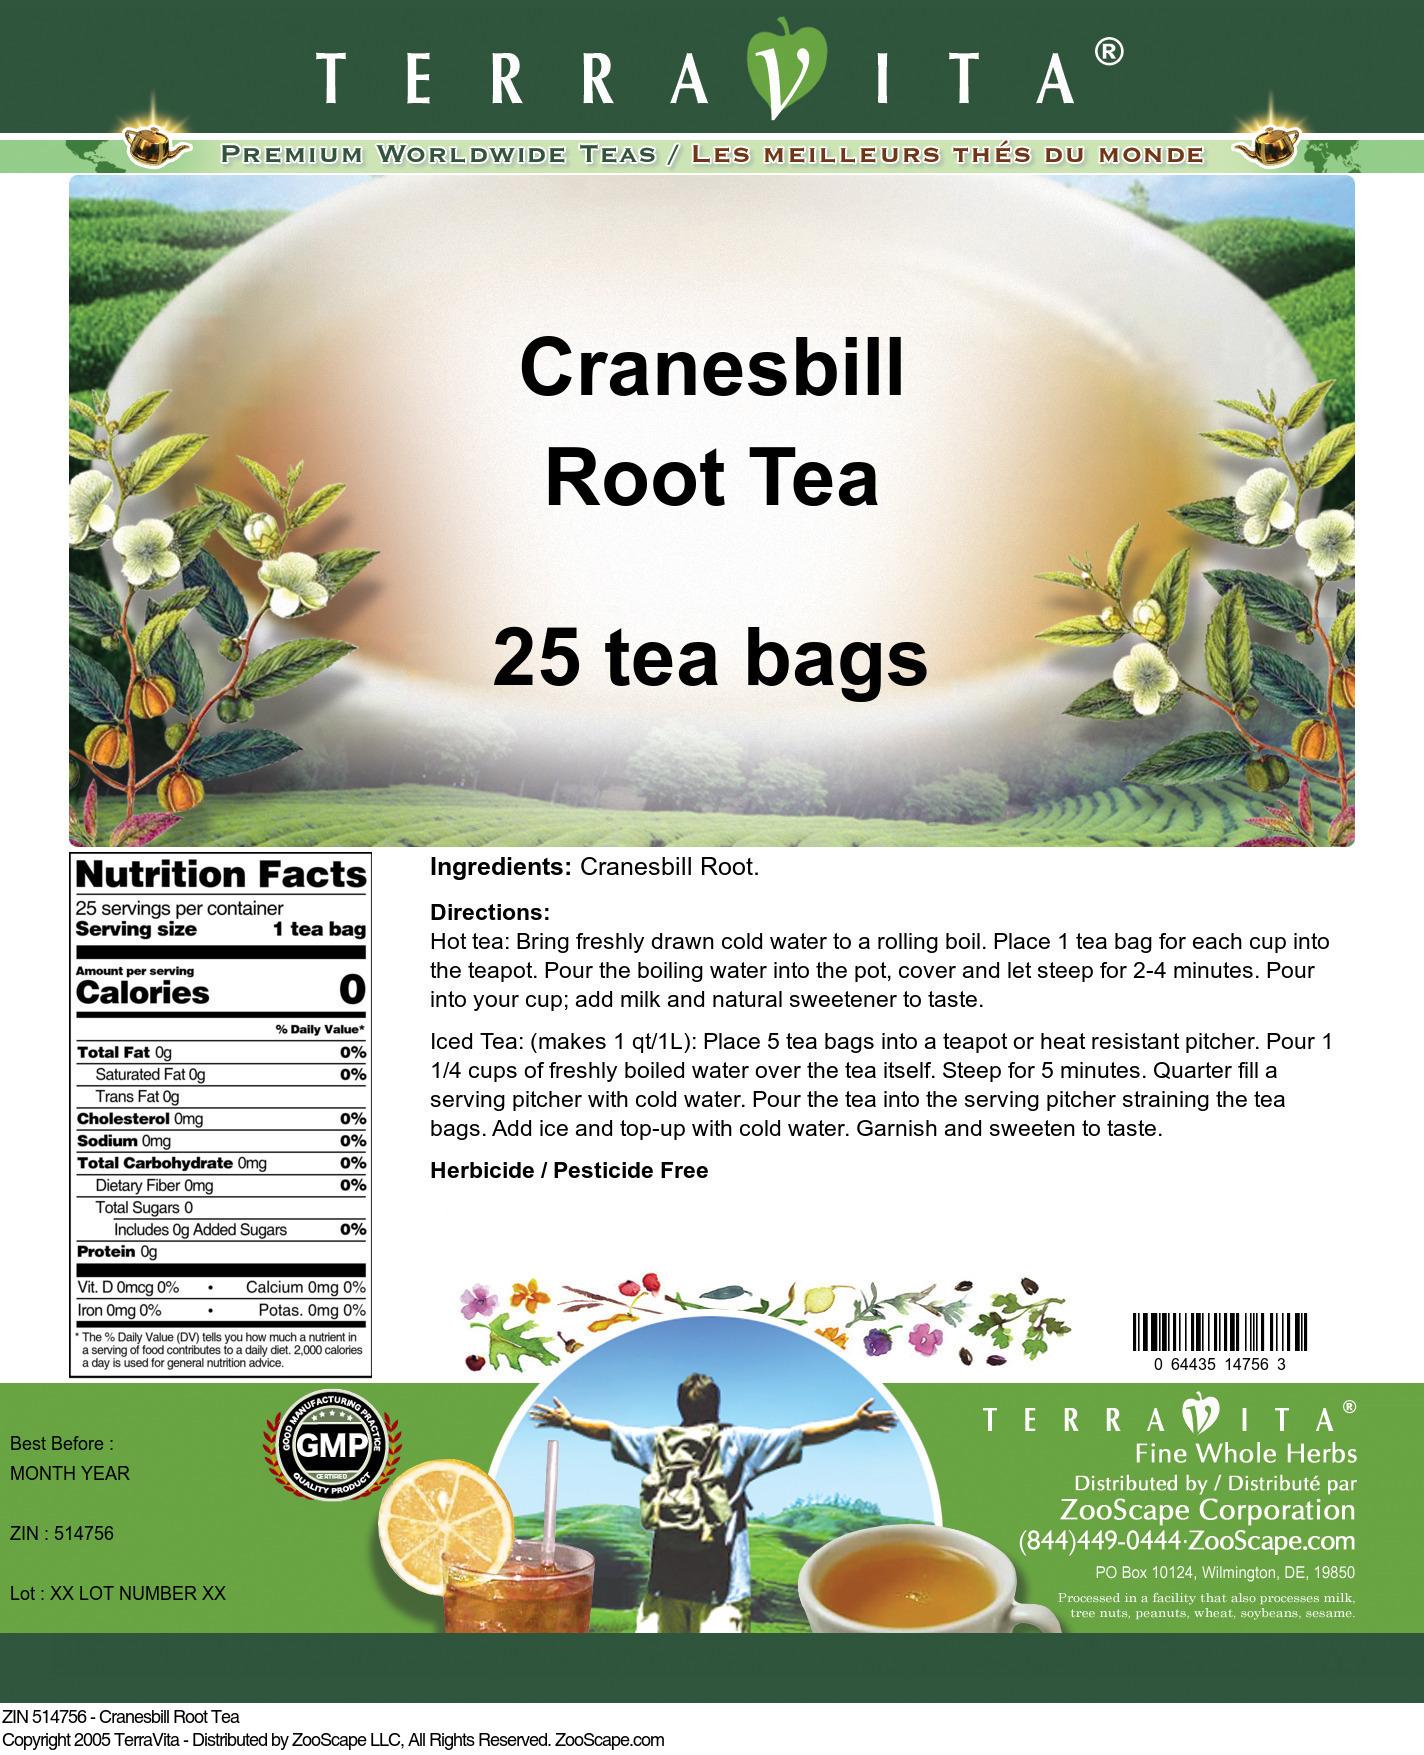 Cranesbill Root Tea